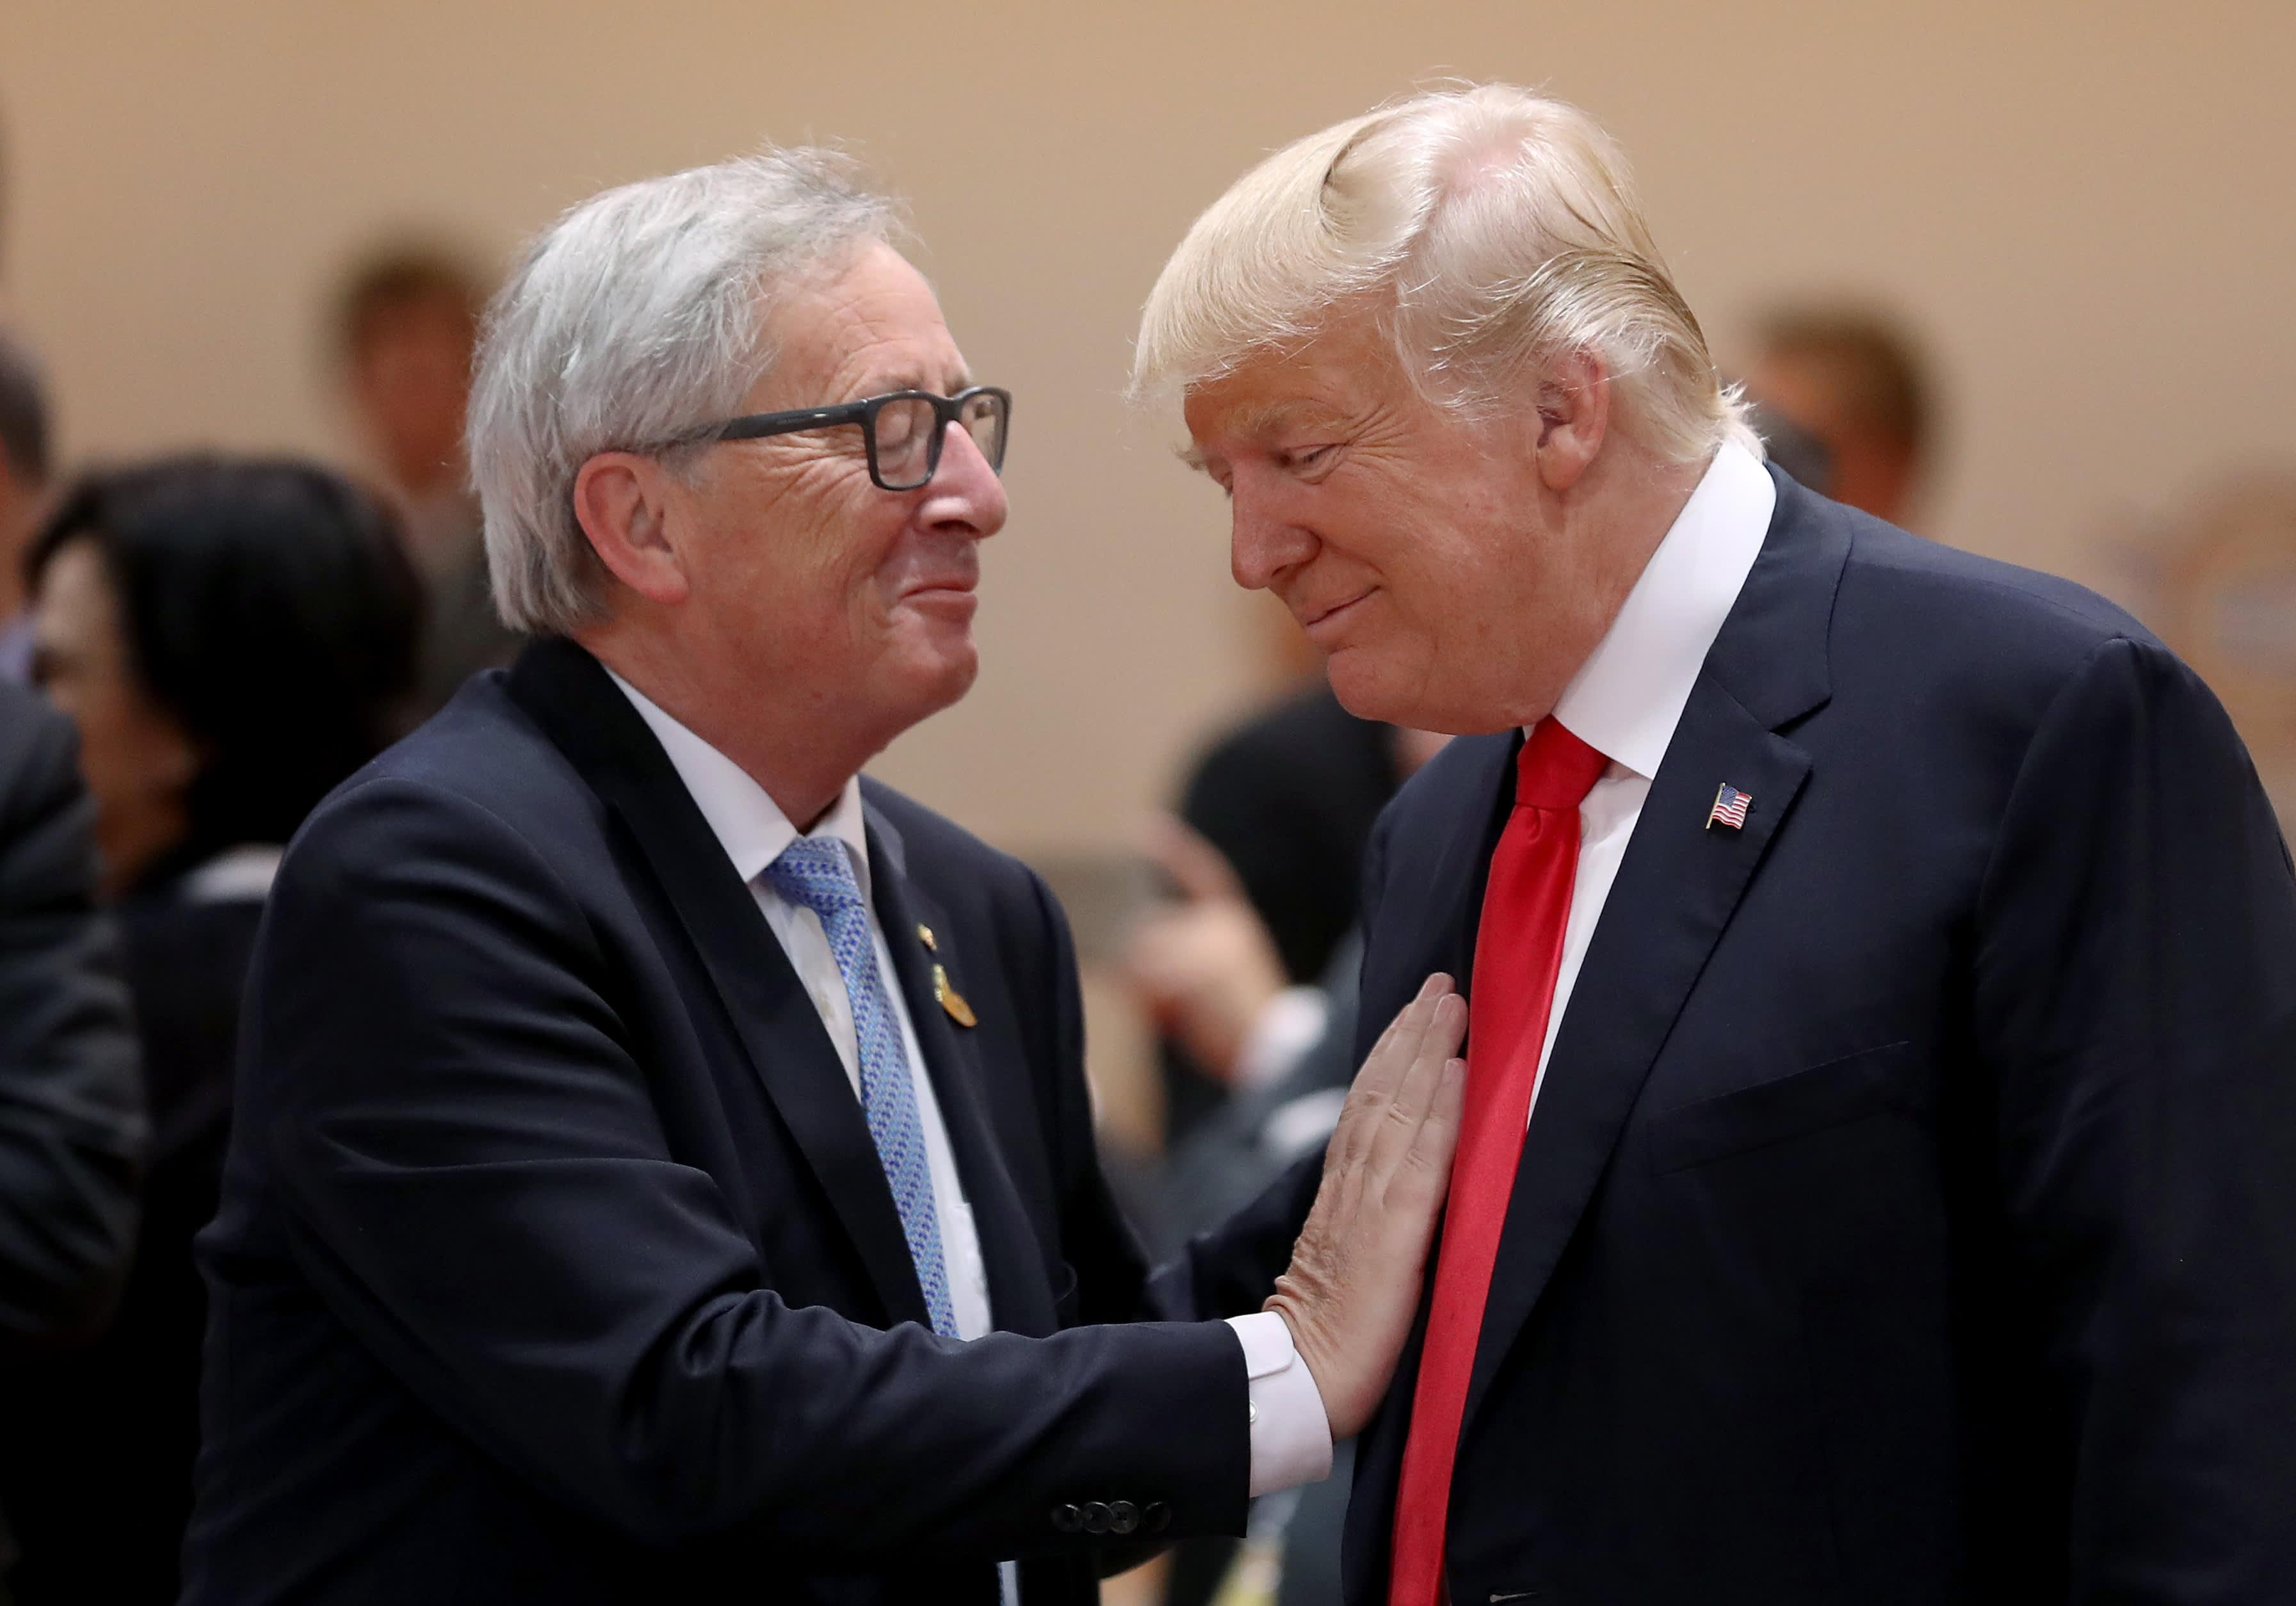 EU:n ja Yhdysvaltain yhteistyötä tarvitaan esimerkiksi veronkierron estämiseen. Kuvassa Euroopan komission puheenjohtaja Jean-Claude Juncker ja Yhdysvaltain presidentti Donald Trump.